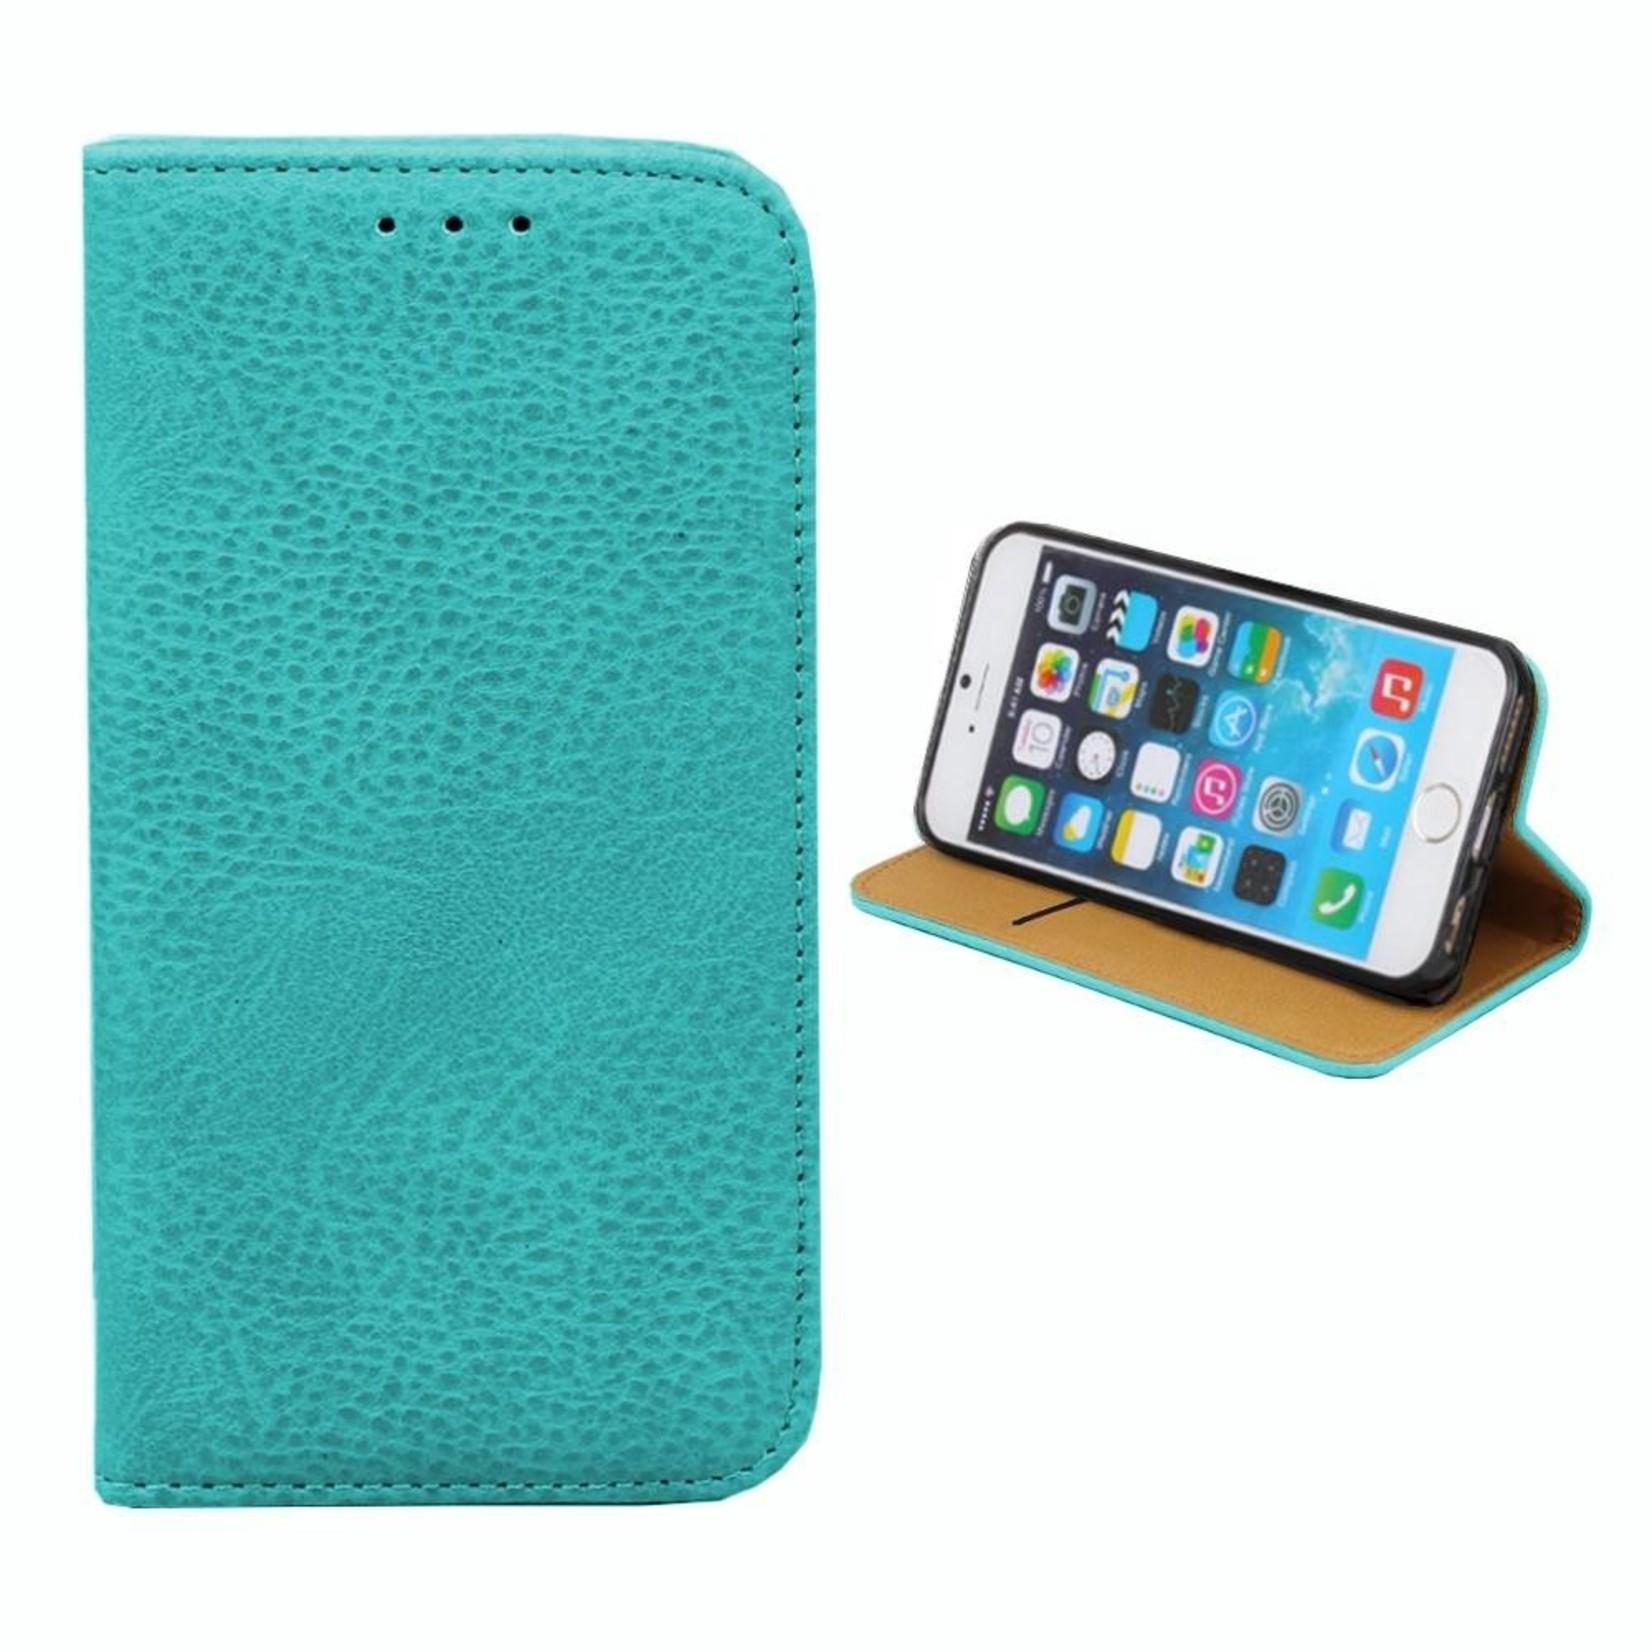 Colorfone Hoesje Book voor Apple iPhone 6/6S Turquoise